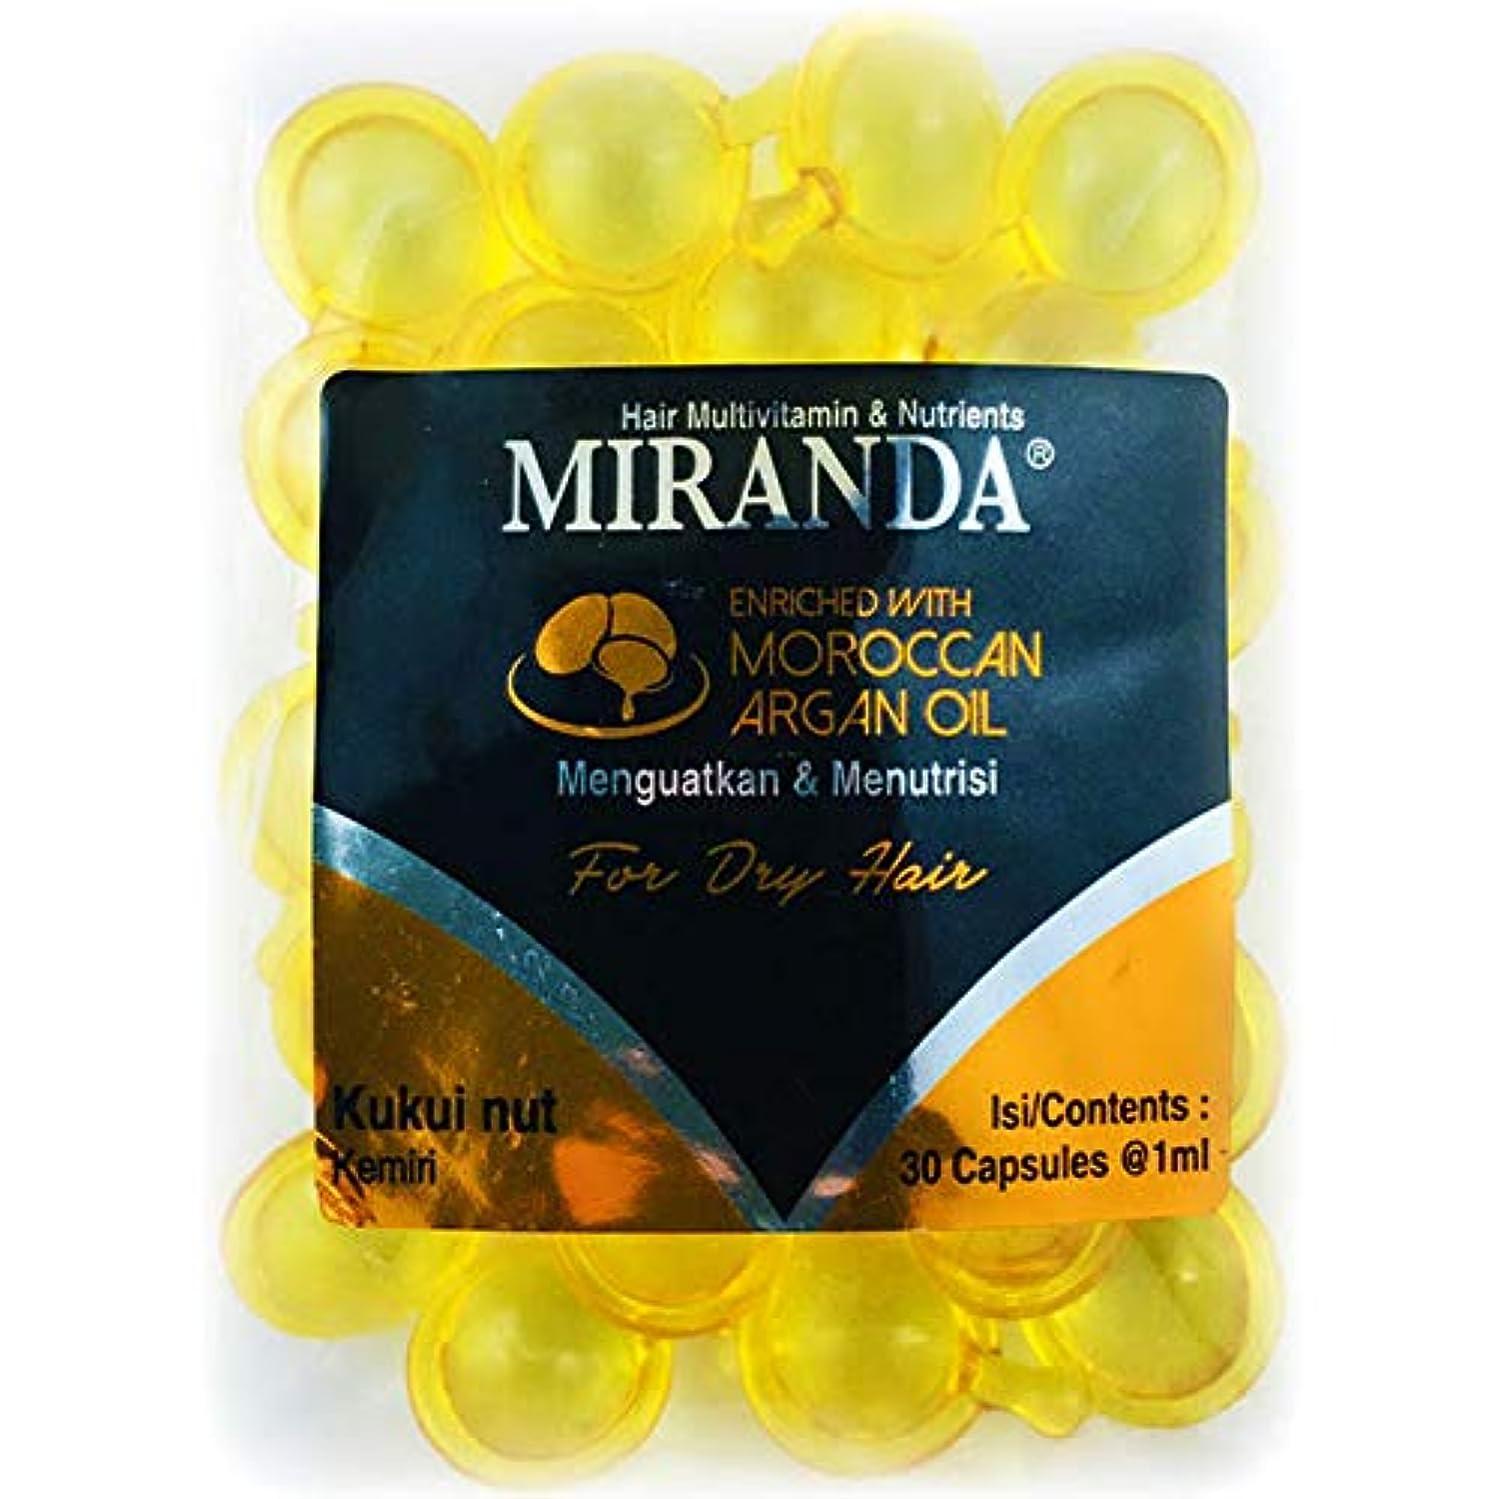 物足りない奨学金関連付けるMIRANDA ミランダ ヘアビタミン 洗い流さないトリートメント 30粒 詰め替え用 (ククイナッツ(イエロー))